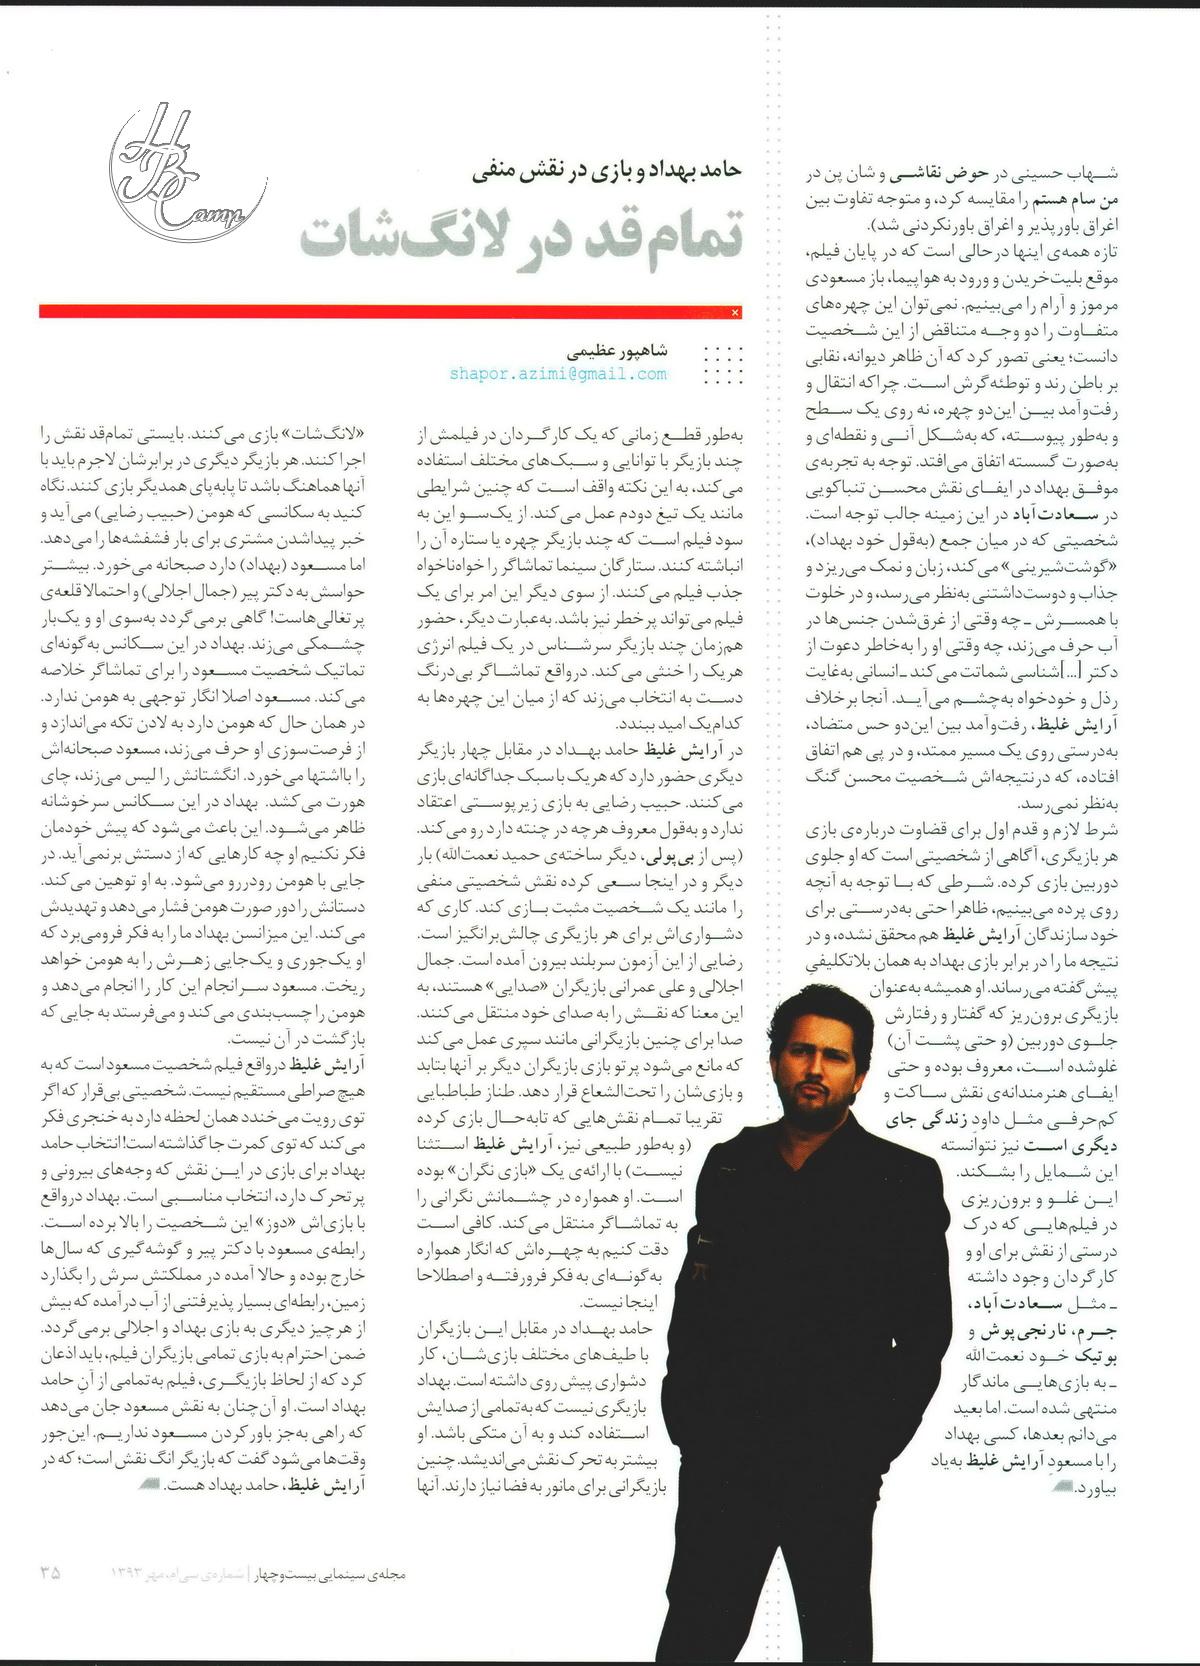 http://yotab.persiangig.com/magazin/24mag-56/n08.jpg